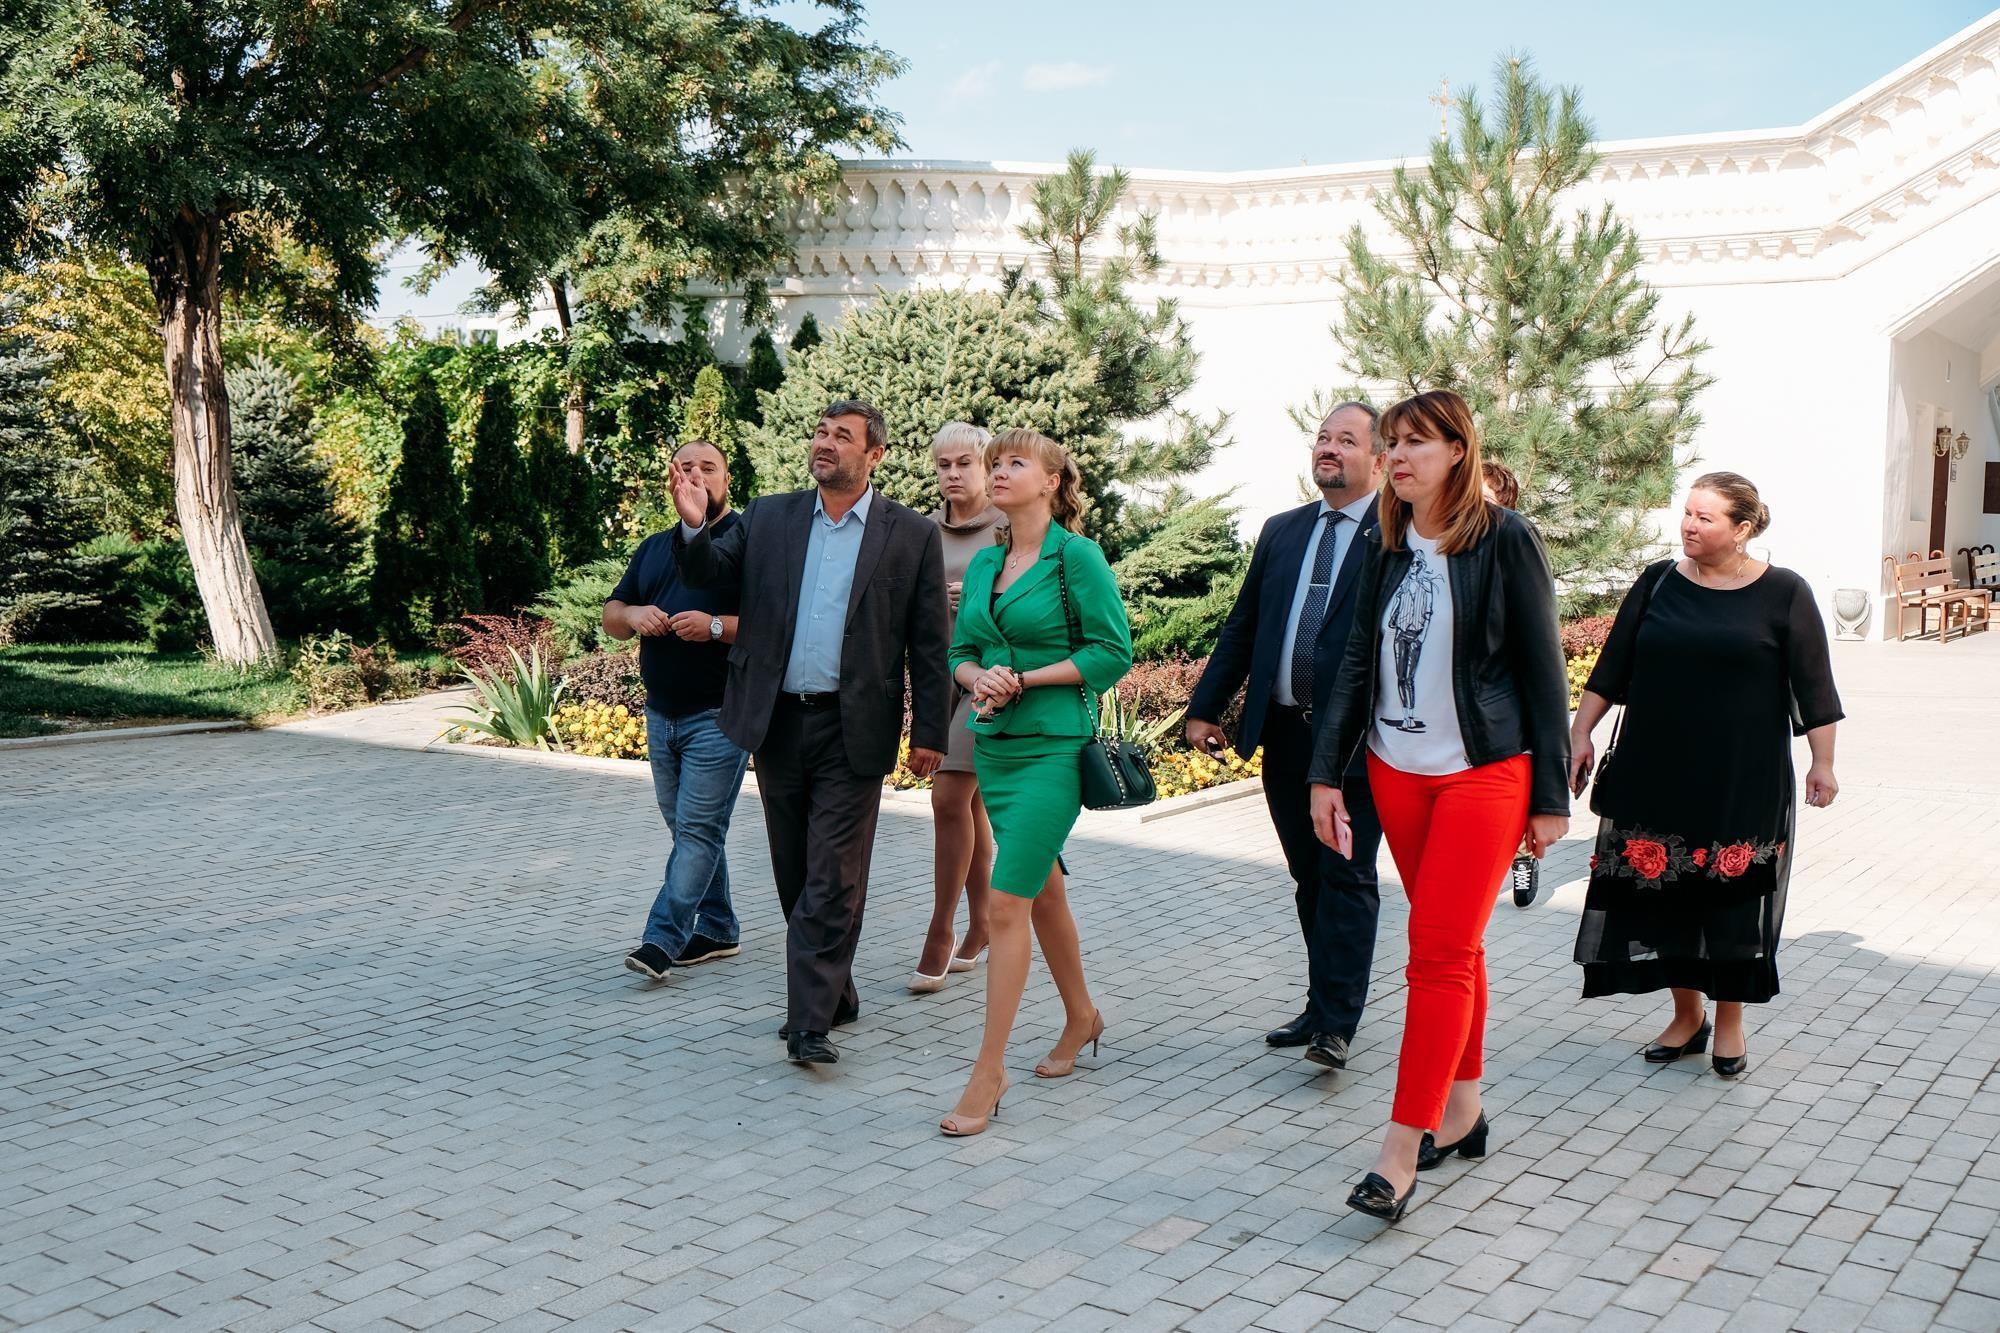 Рабочая встреча: развивается  культурное сотрудничество между Астраханью и Краснодаром